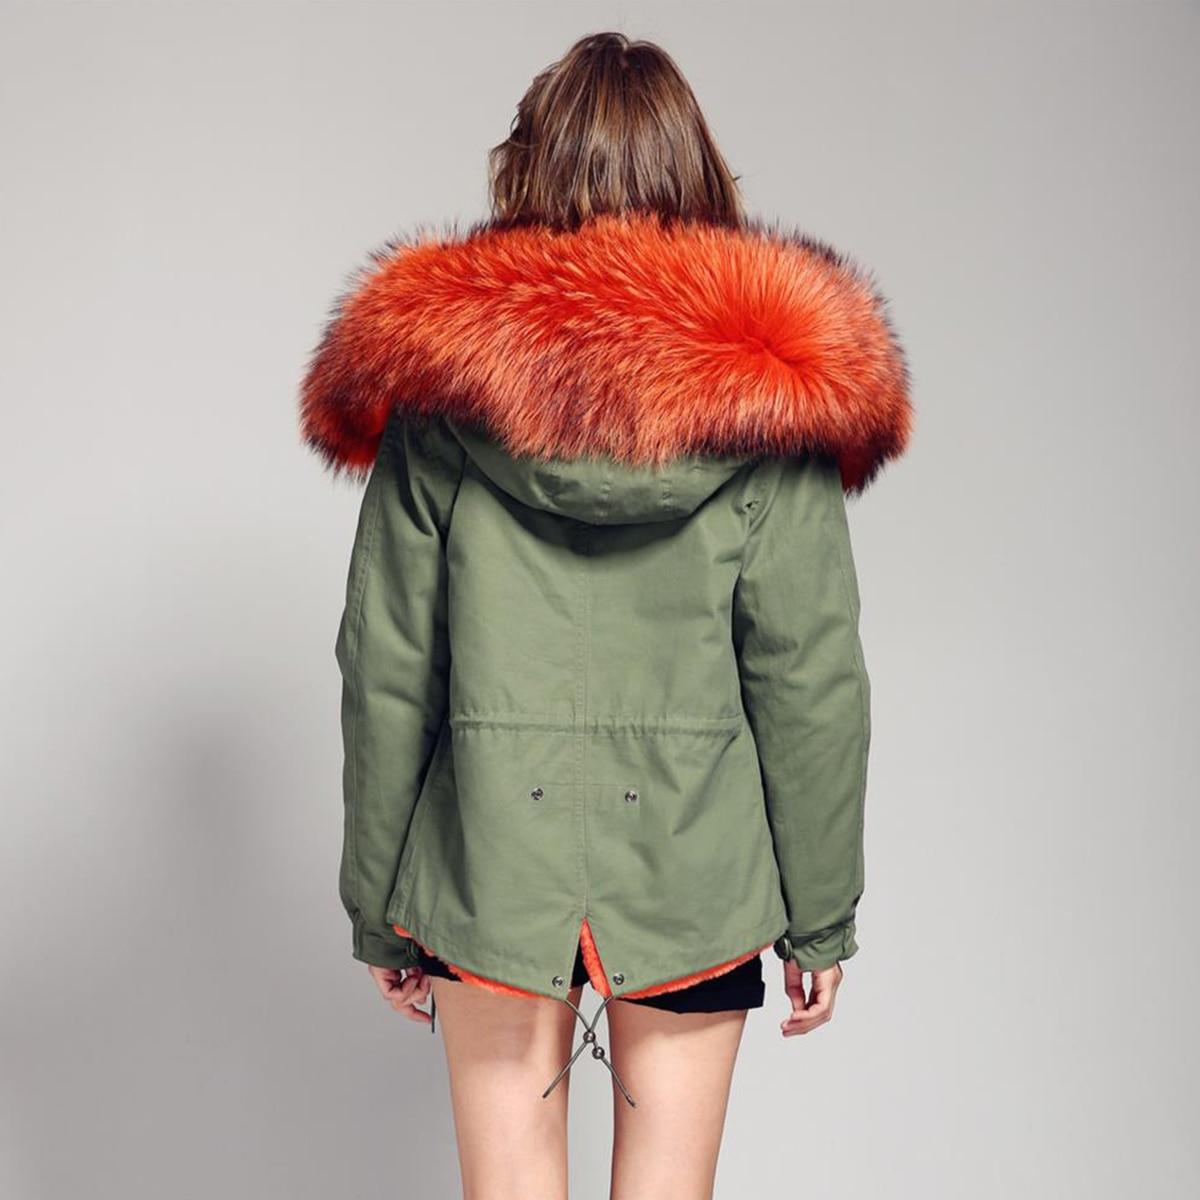 JAZZEVAR 2019 femme armée vert grand raton laveur col de fourrure manteau à capuche parkas outwear 2 en 1 doublure amovible veste d'hiver-in Parkas from Mode Femme et Accessoires    2